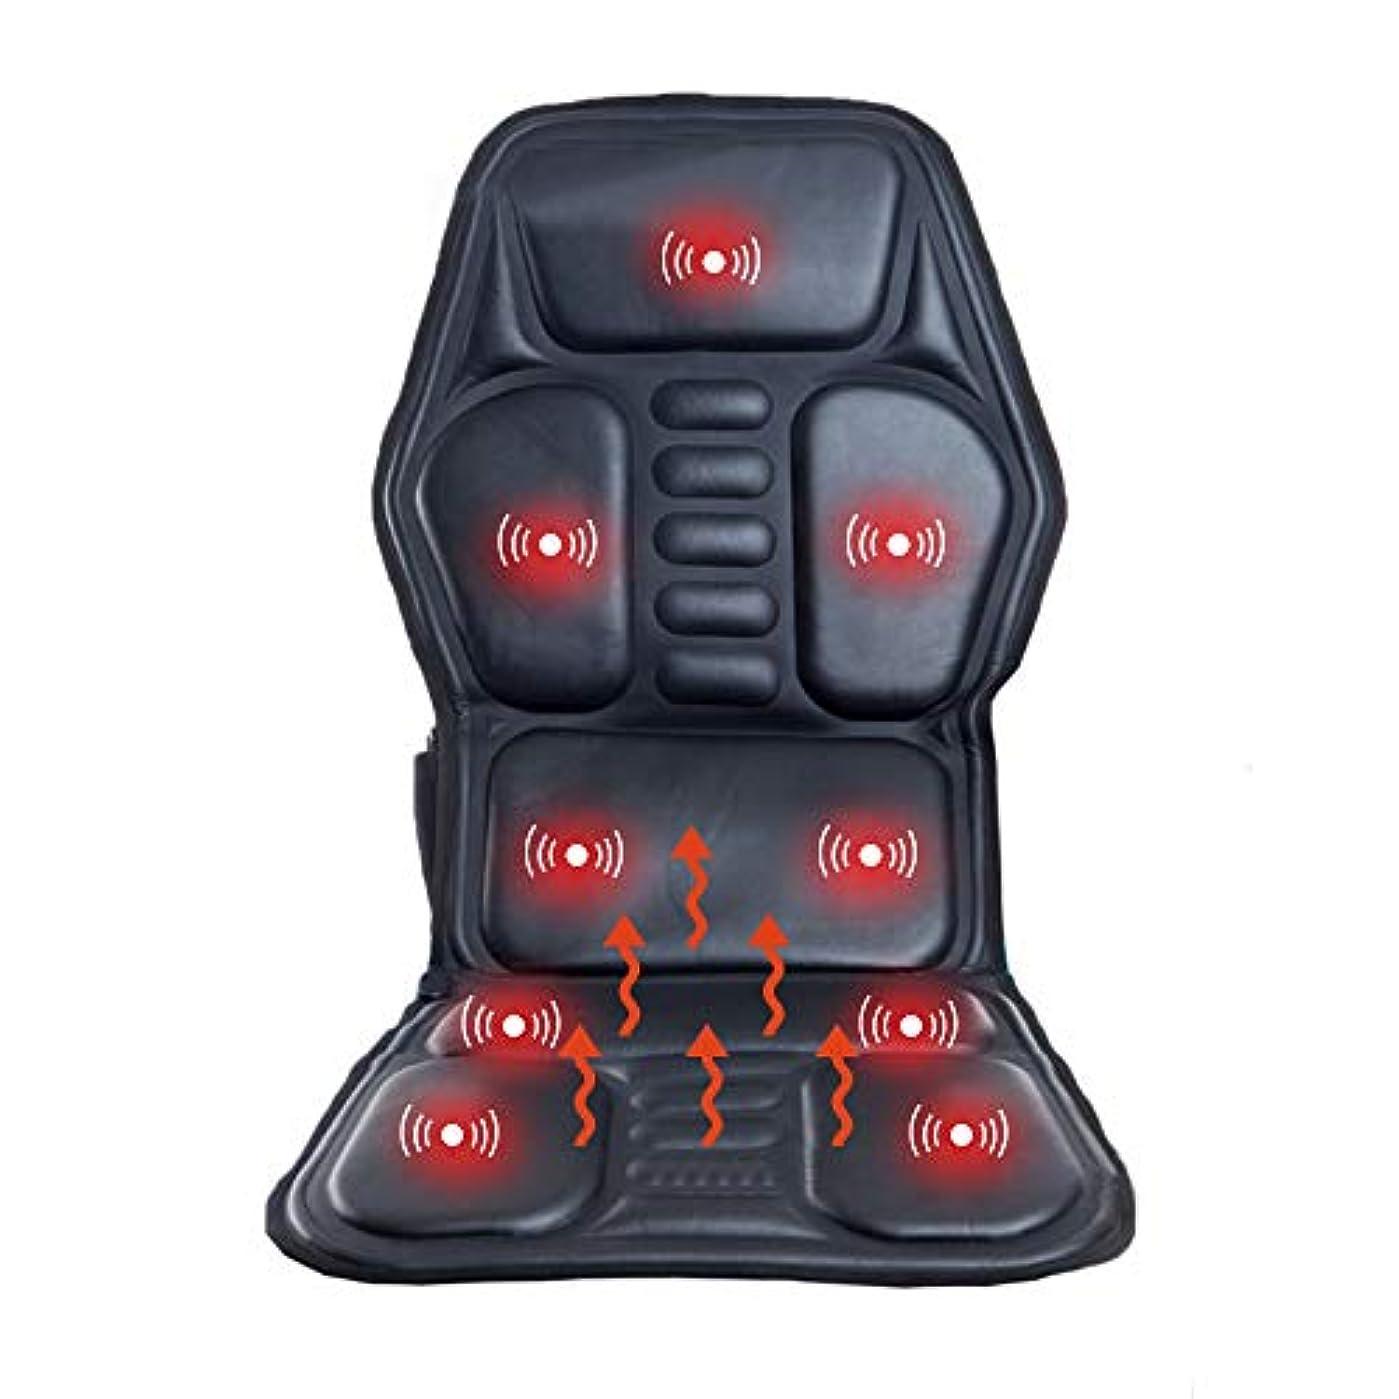 添加剤多用途現在カーシートバックマッサージャー 9モーター振動 ヒートチェアパッド 8つのモード 車のホームオフィスチェアのための